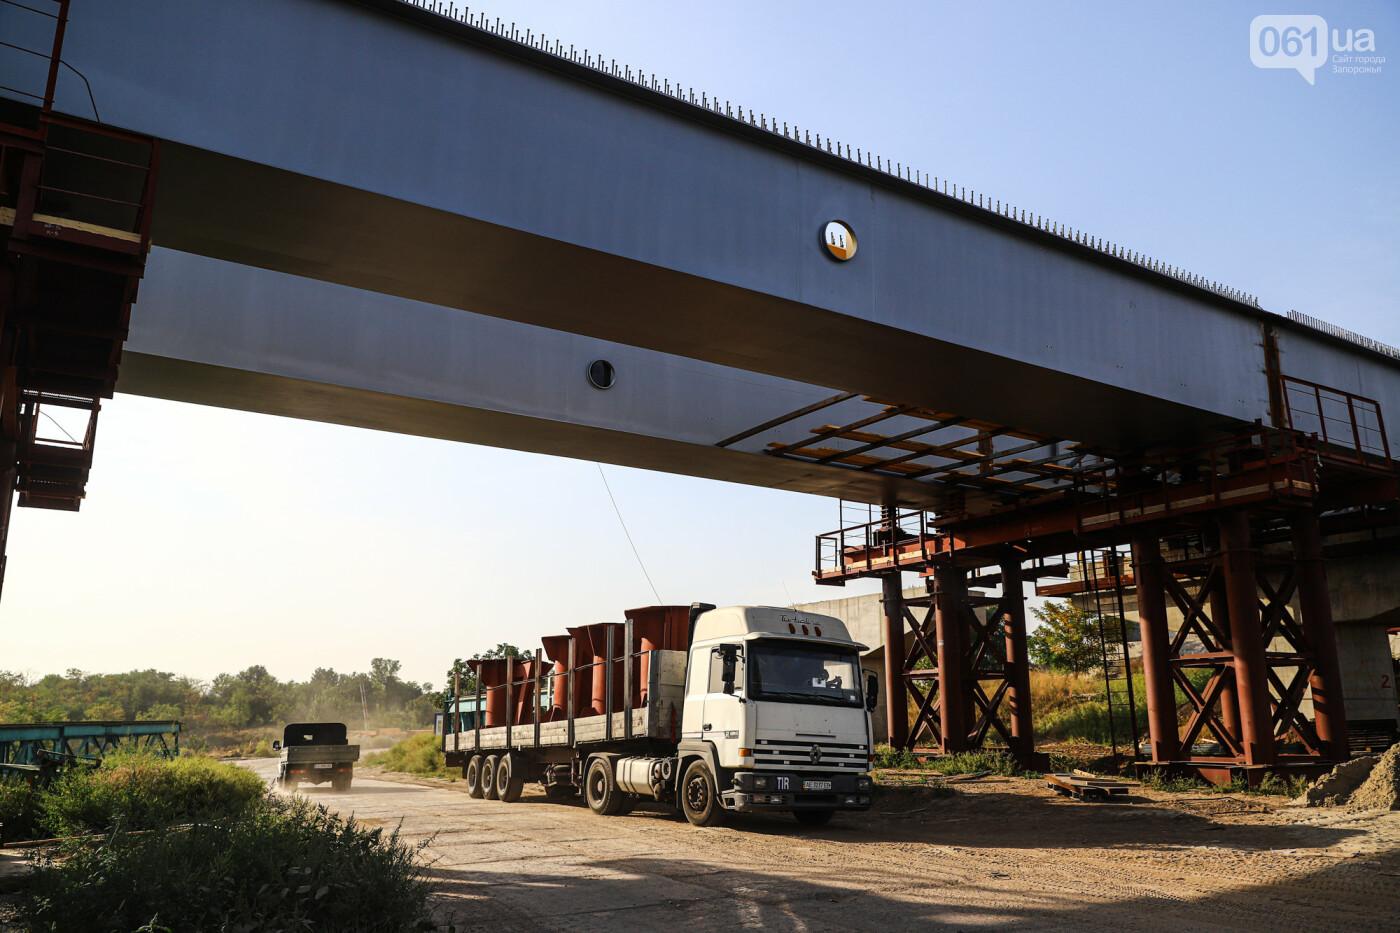 Бабурку соединили с Хортицей: на запорожских мостах смонтировали последнюю балку через старый Днепр, - ФОТО , фото-12